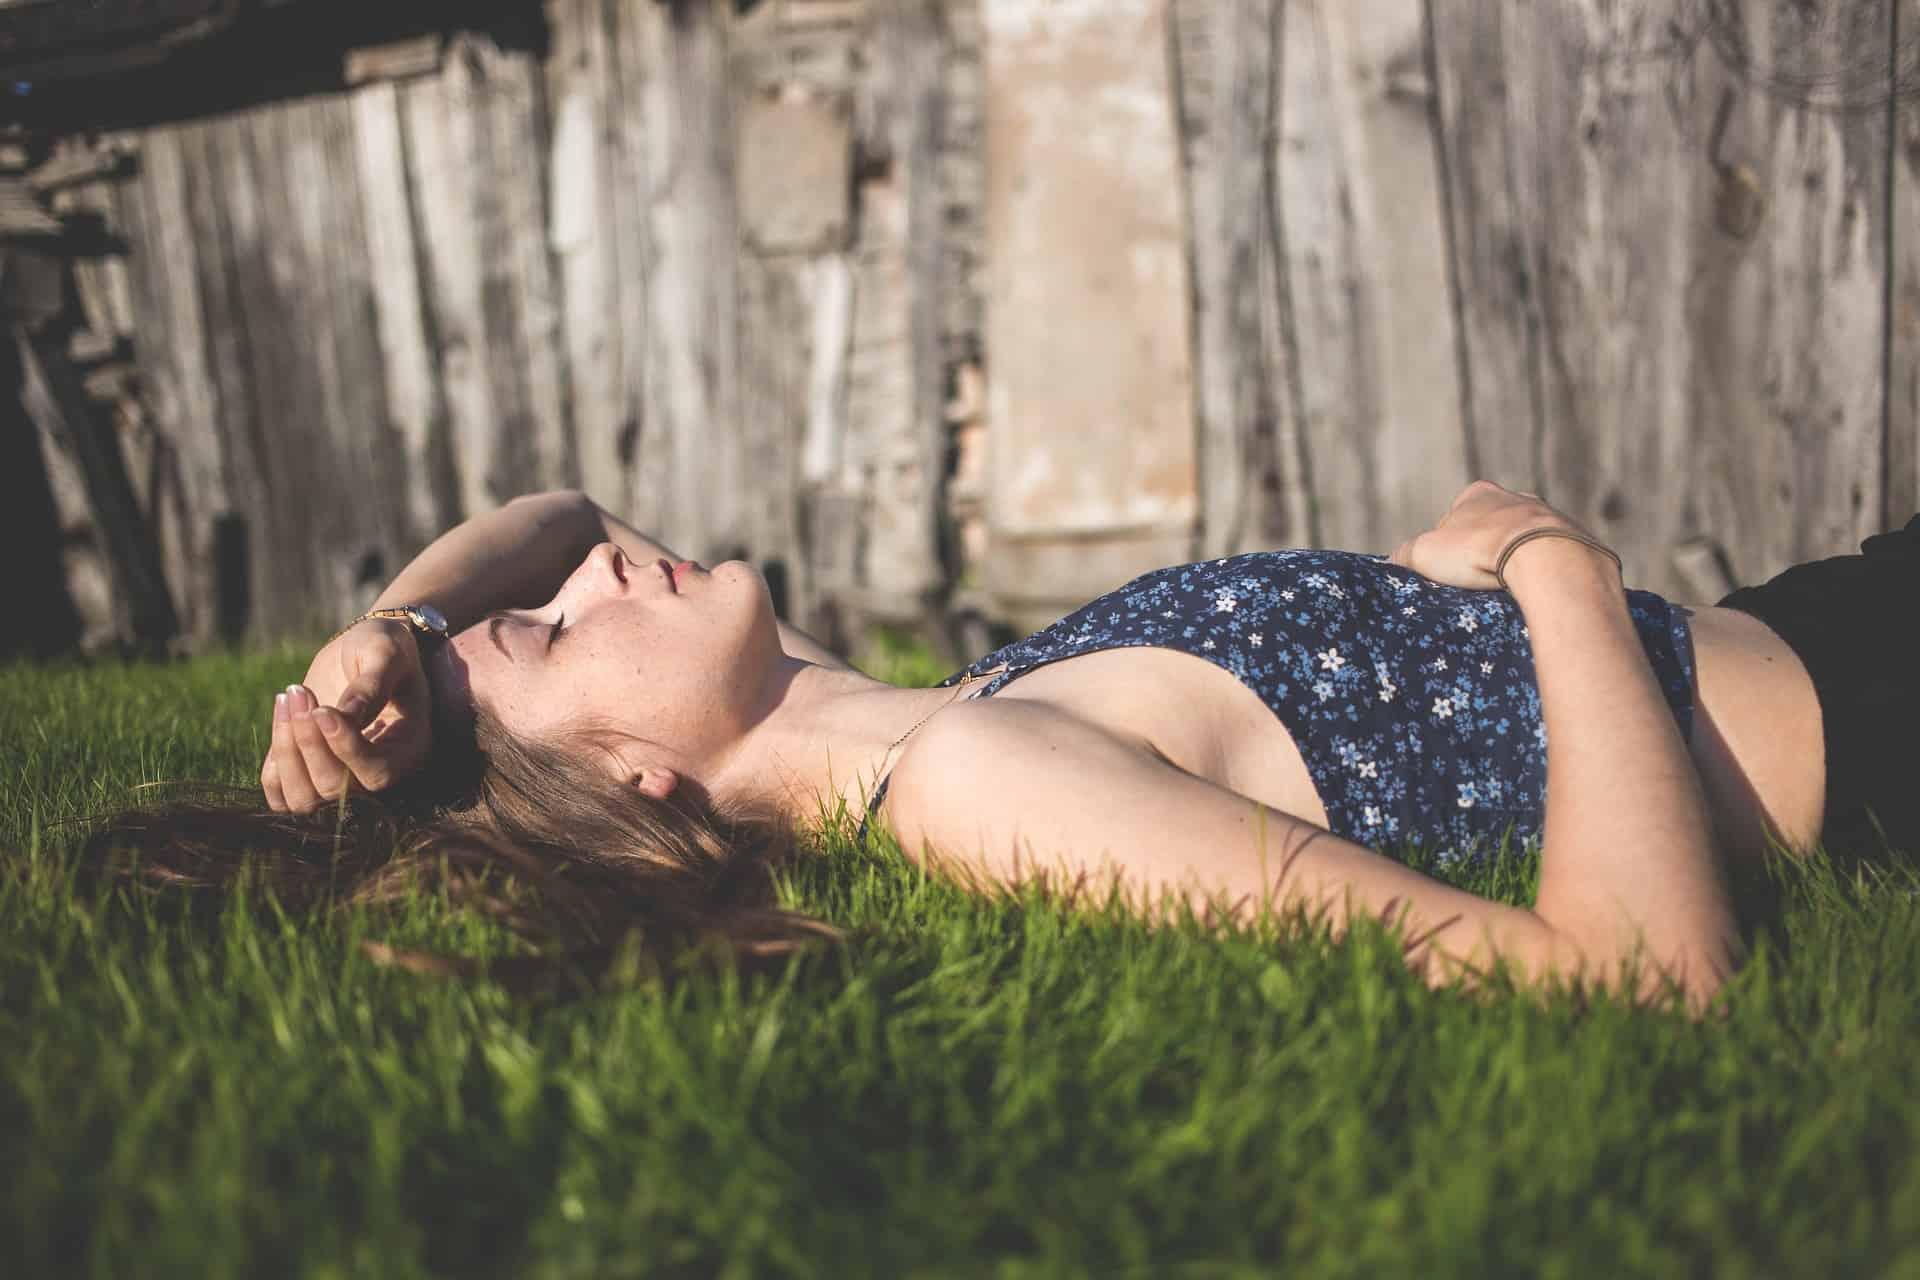 Andning & lymfa – det kan förändra ditt liv!